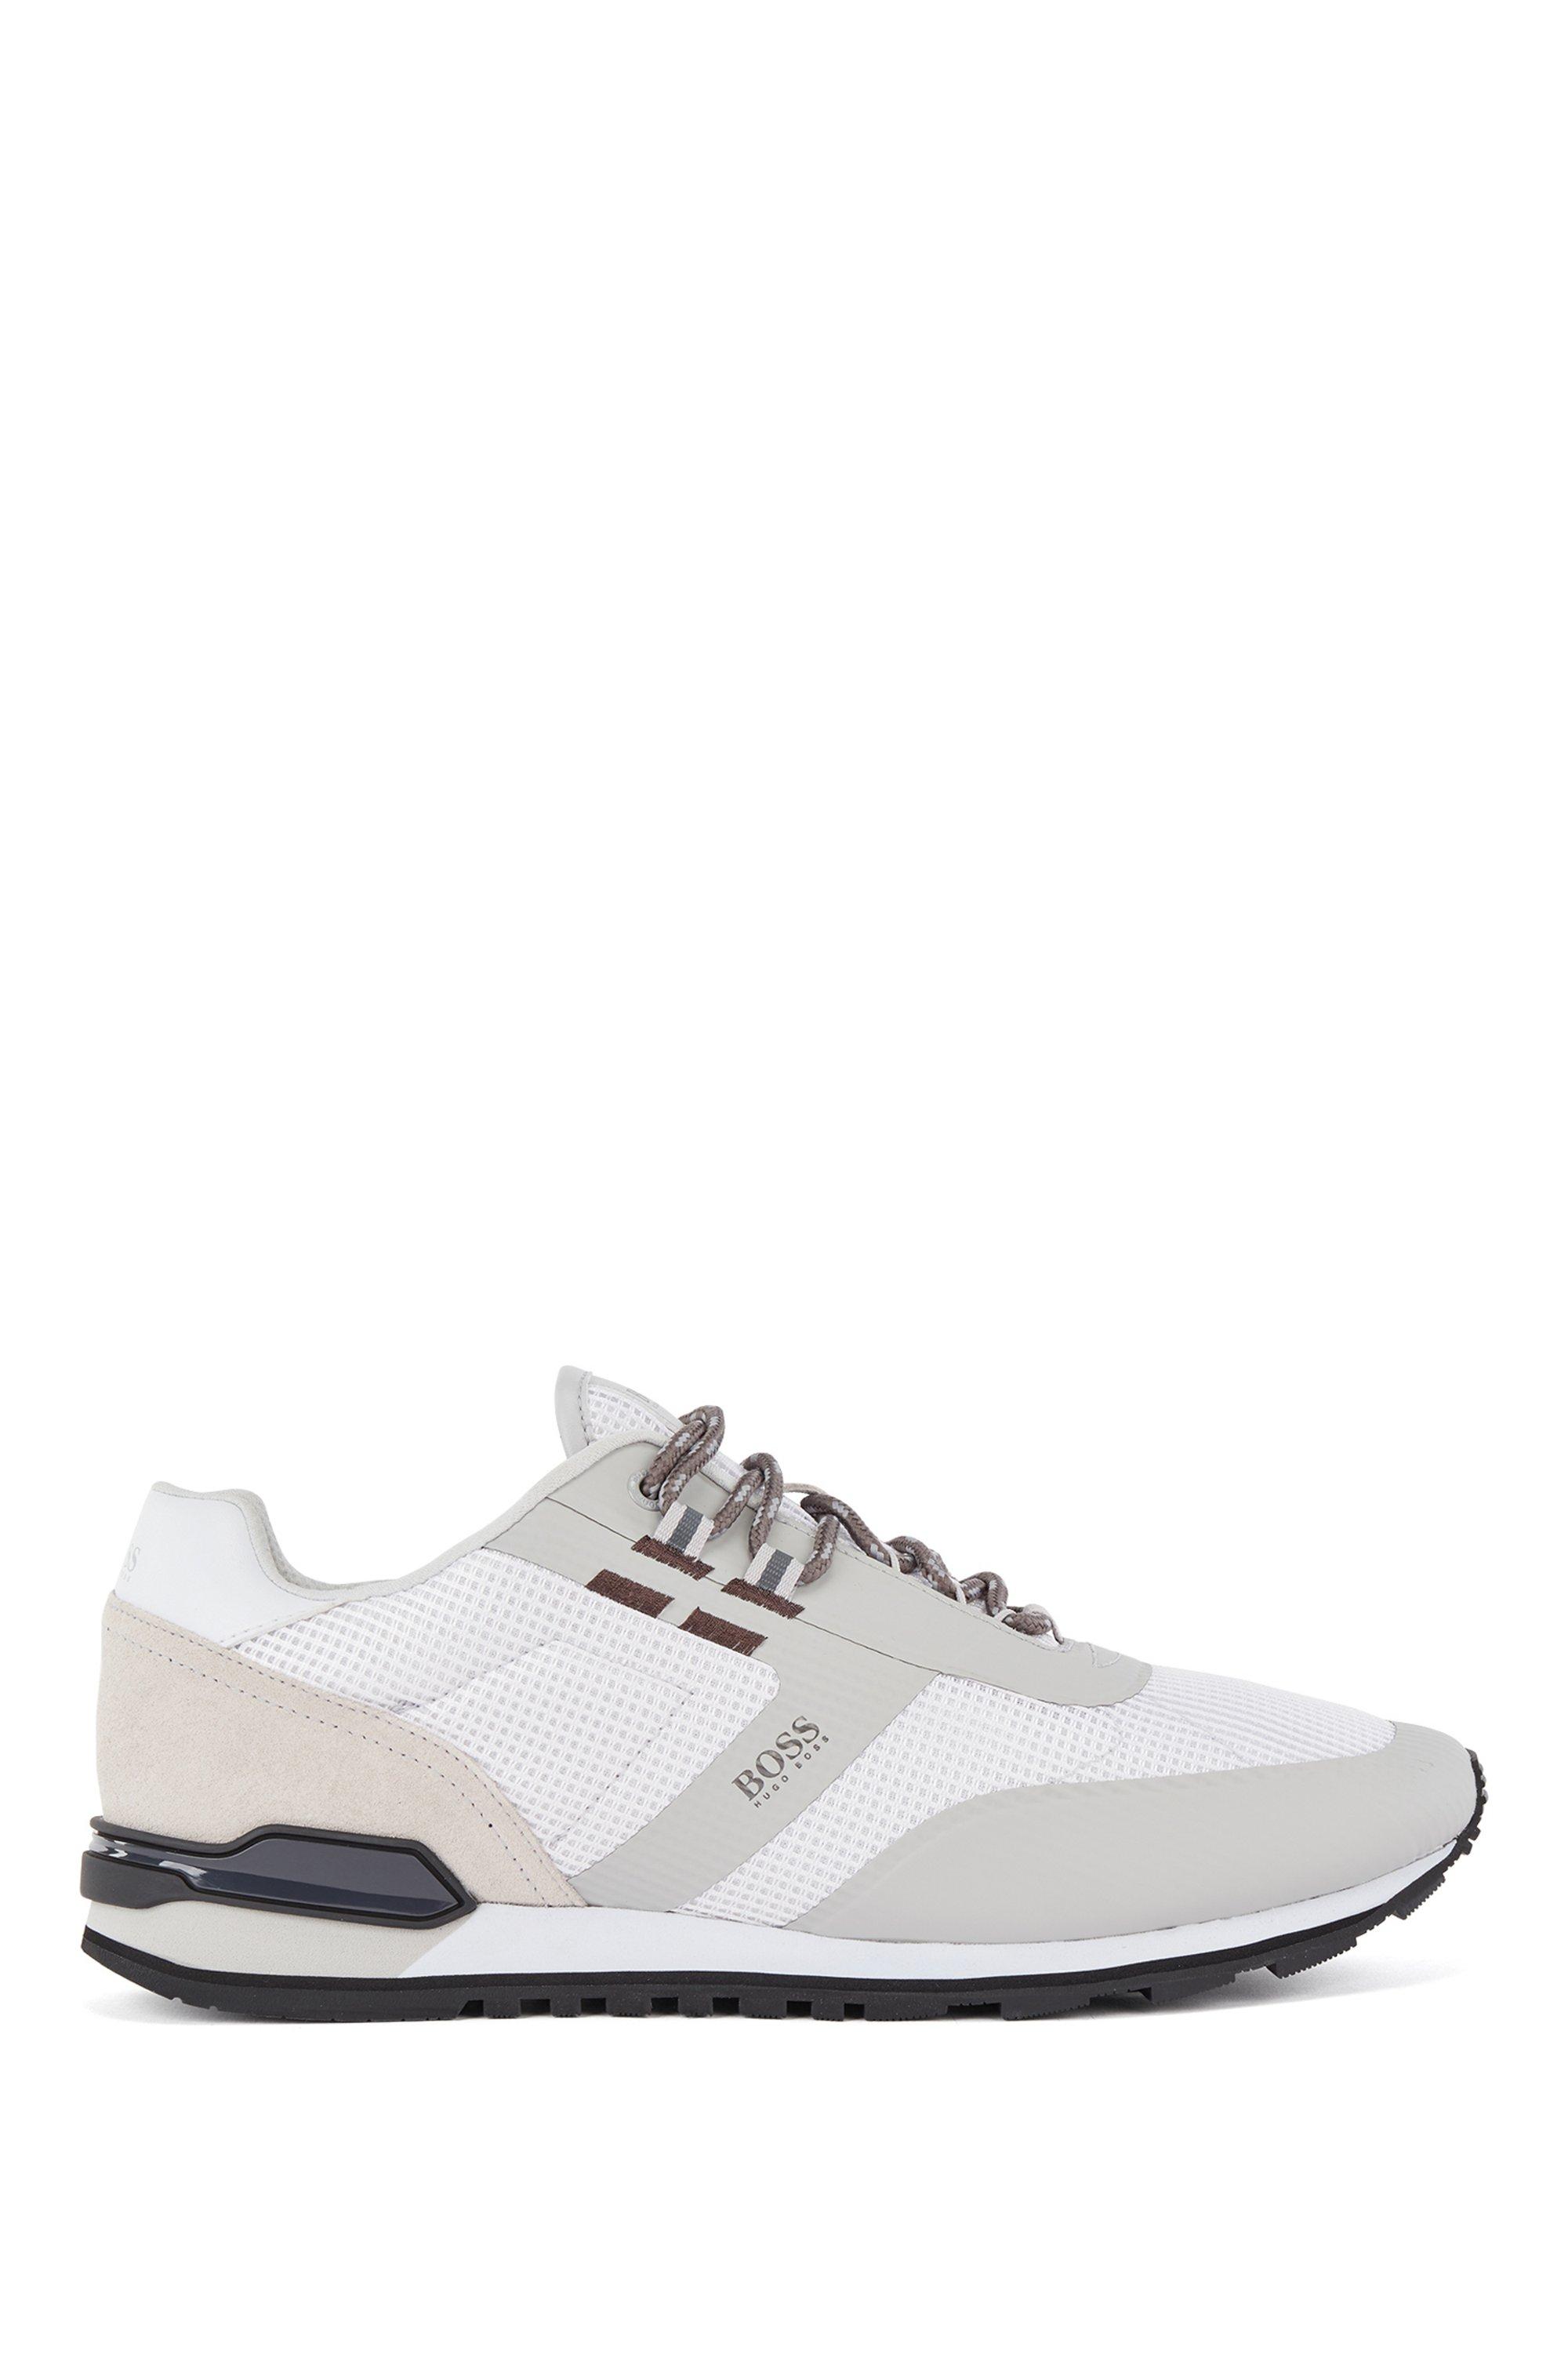 Hybrid-Sneakers aus Nylon, Mesh und Leder, Weiß